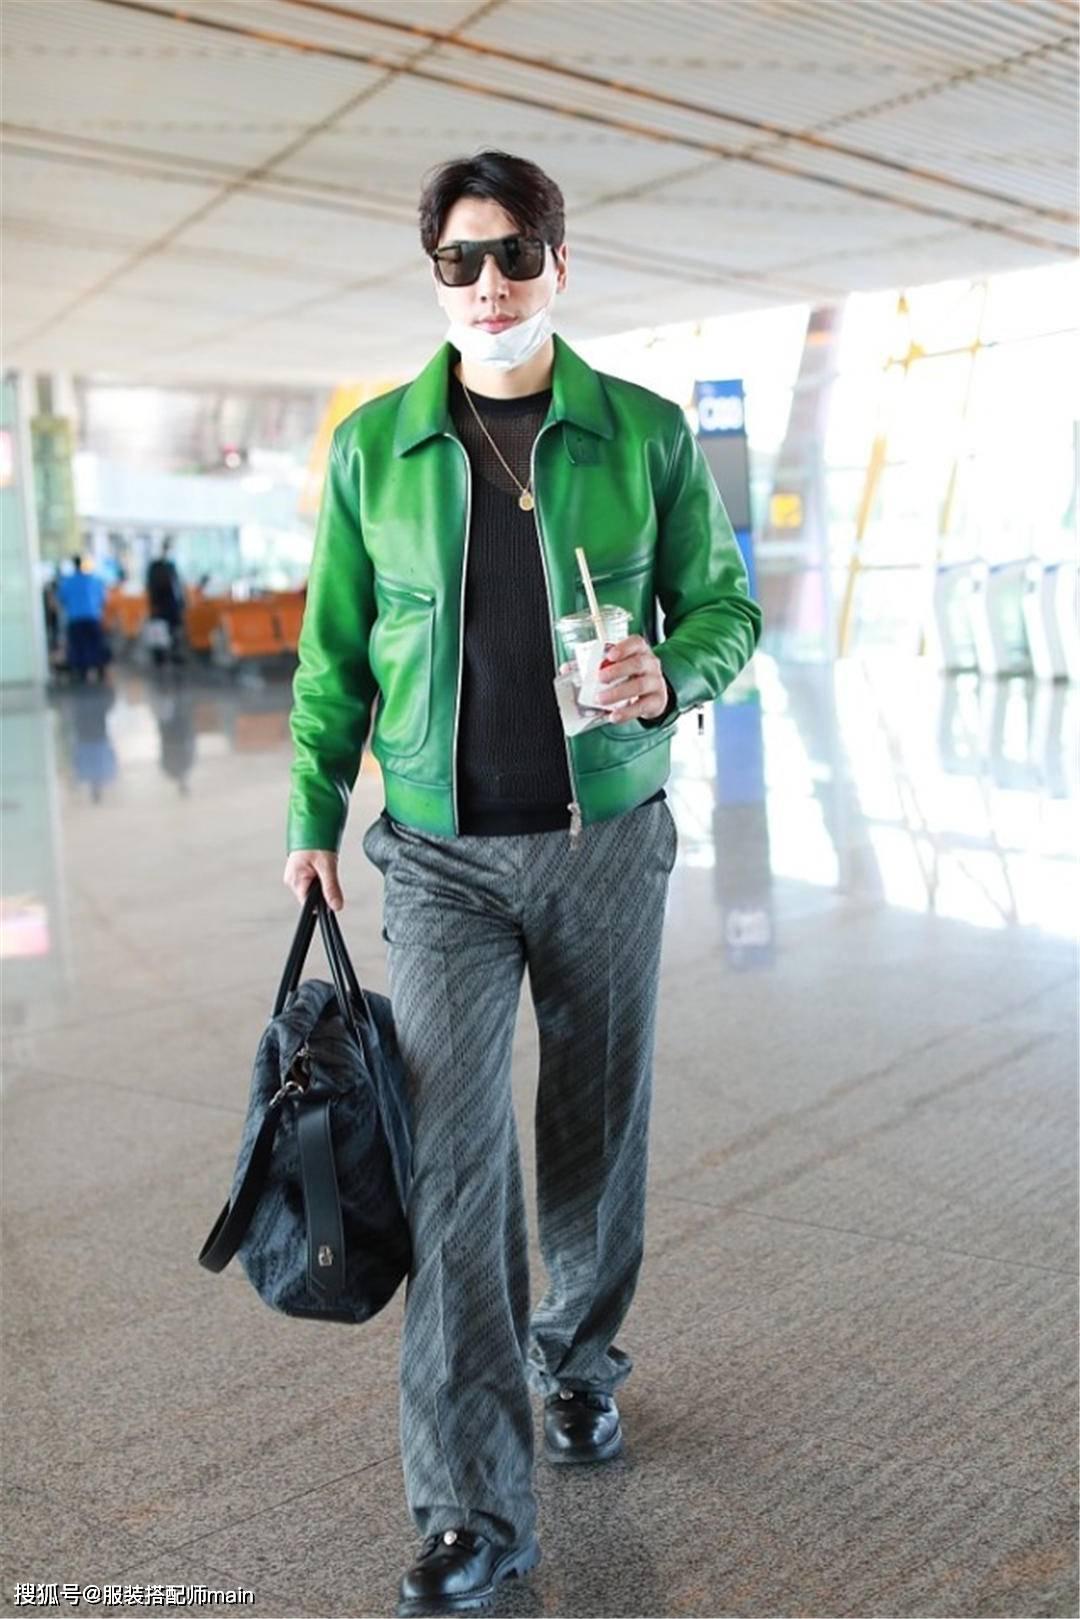 原创             38岁张亮气场炸裂,穿翠绿色皮夹克搭配灰色长裤,机场走出秀场感